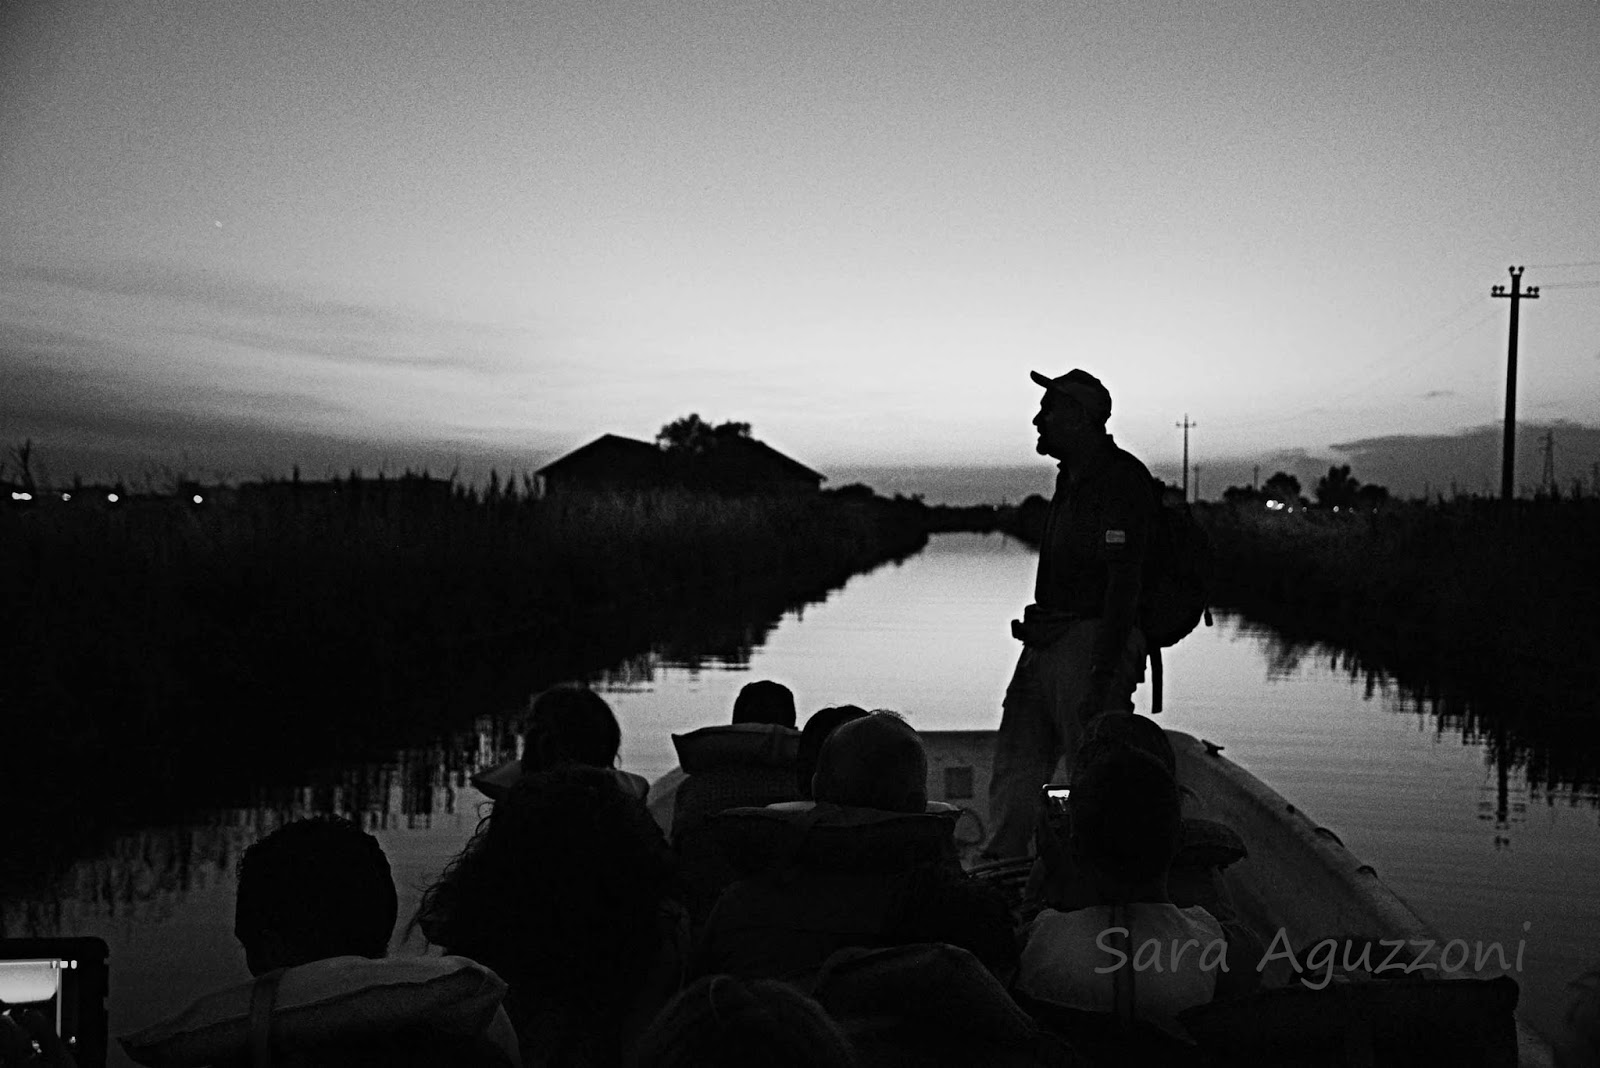 foto di Sara Aguzzoni. Uomo su una barca alle saline di Cervia